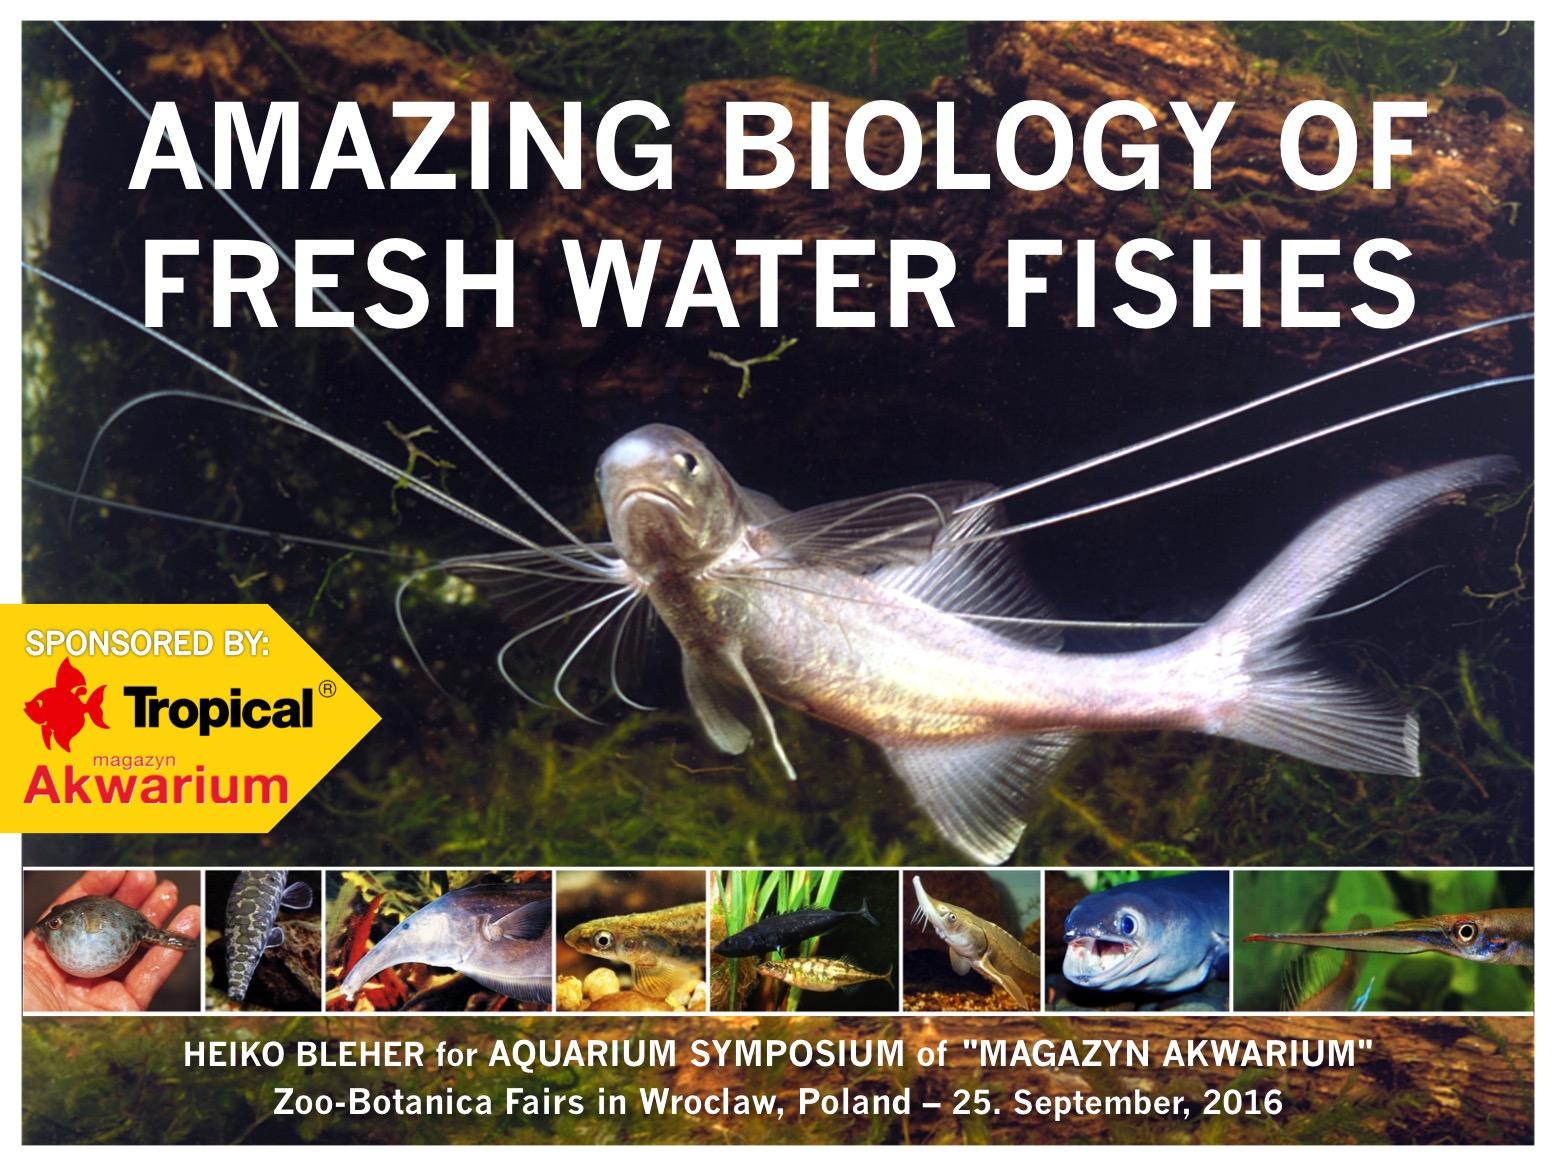 FISH BIOLOGY_WROCLAW SYMPOSIUM_25-09-16